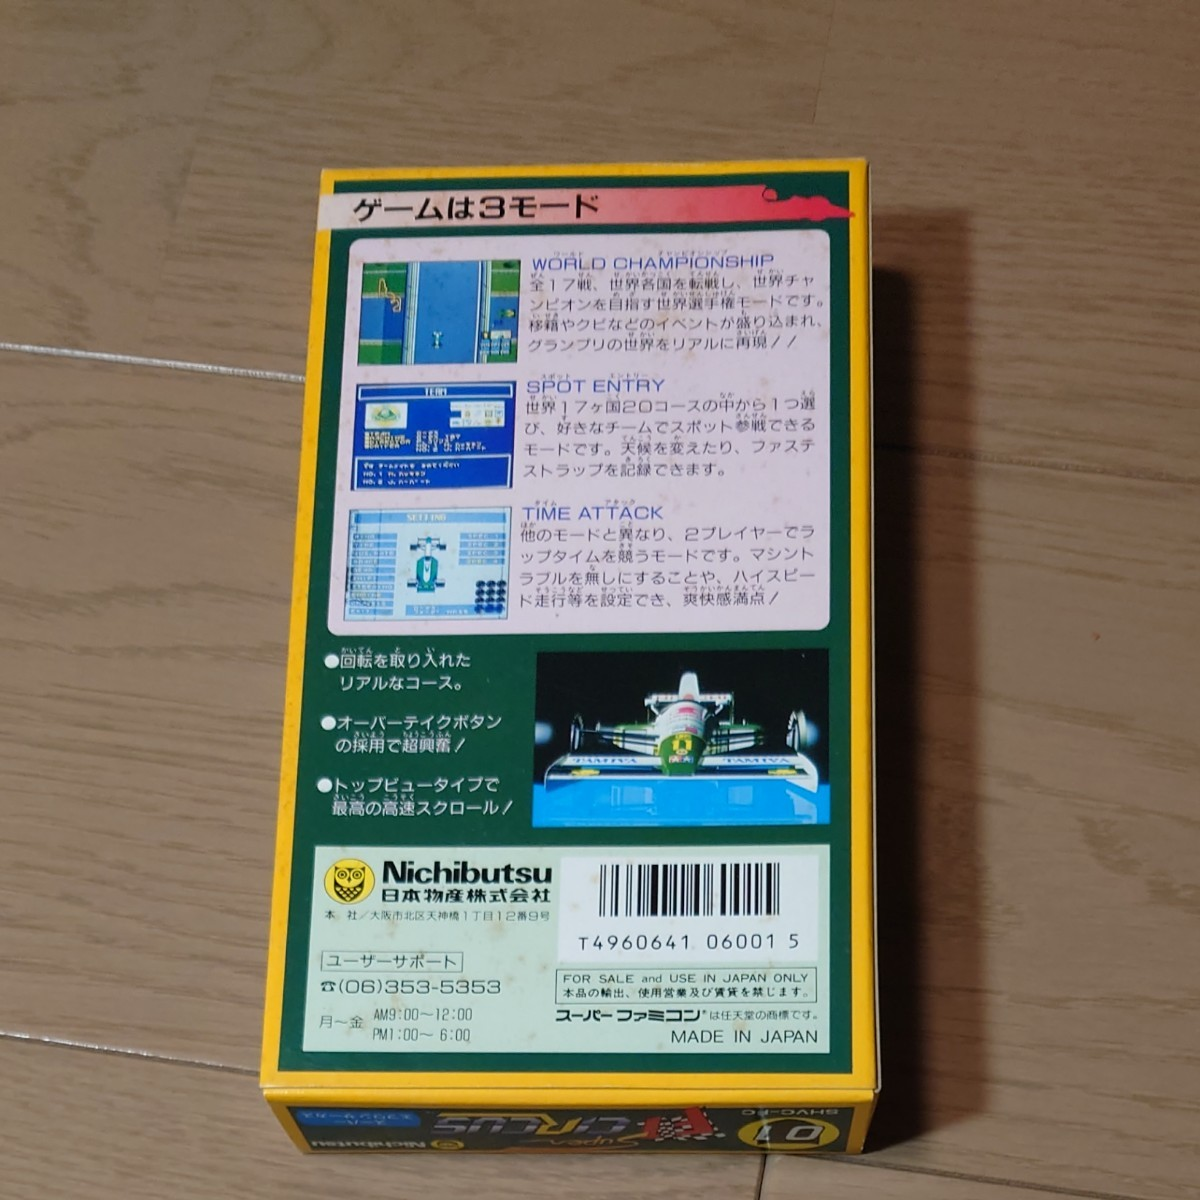 スーパーF1サーカス スーパーファミコン ソフト  SFC 任天堂 説明書 箱付き